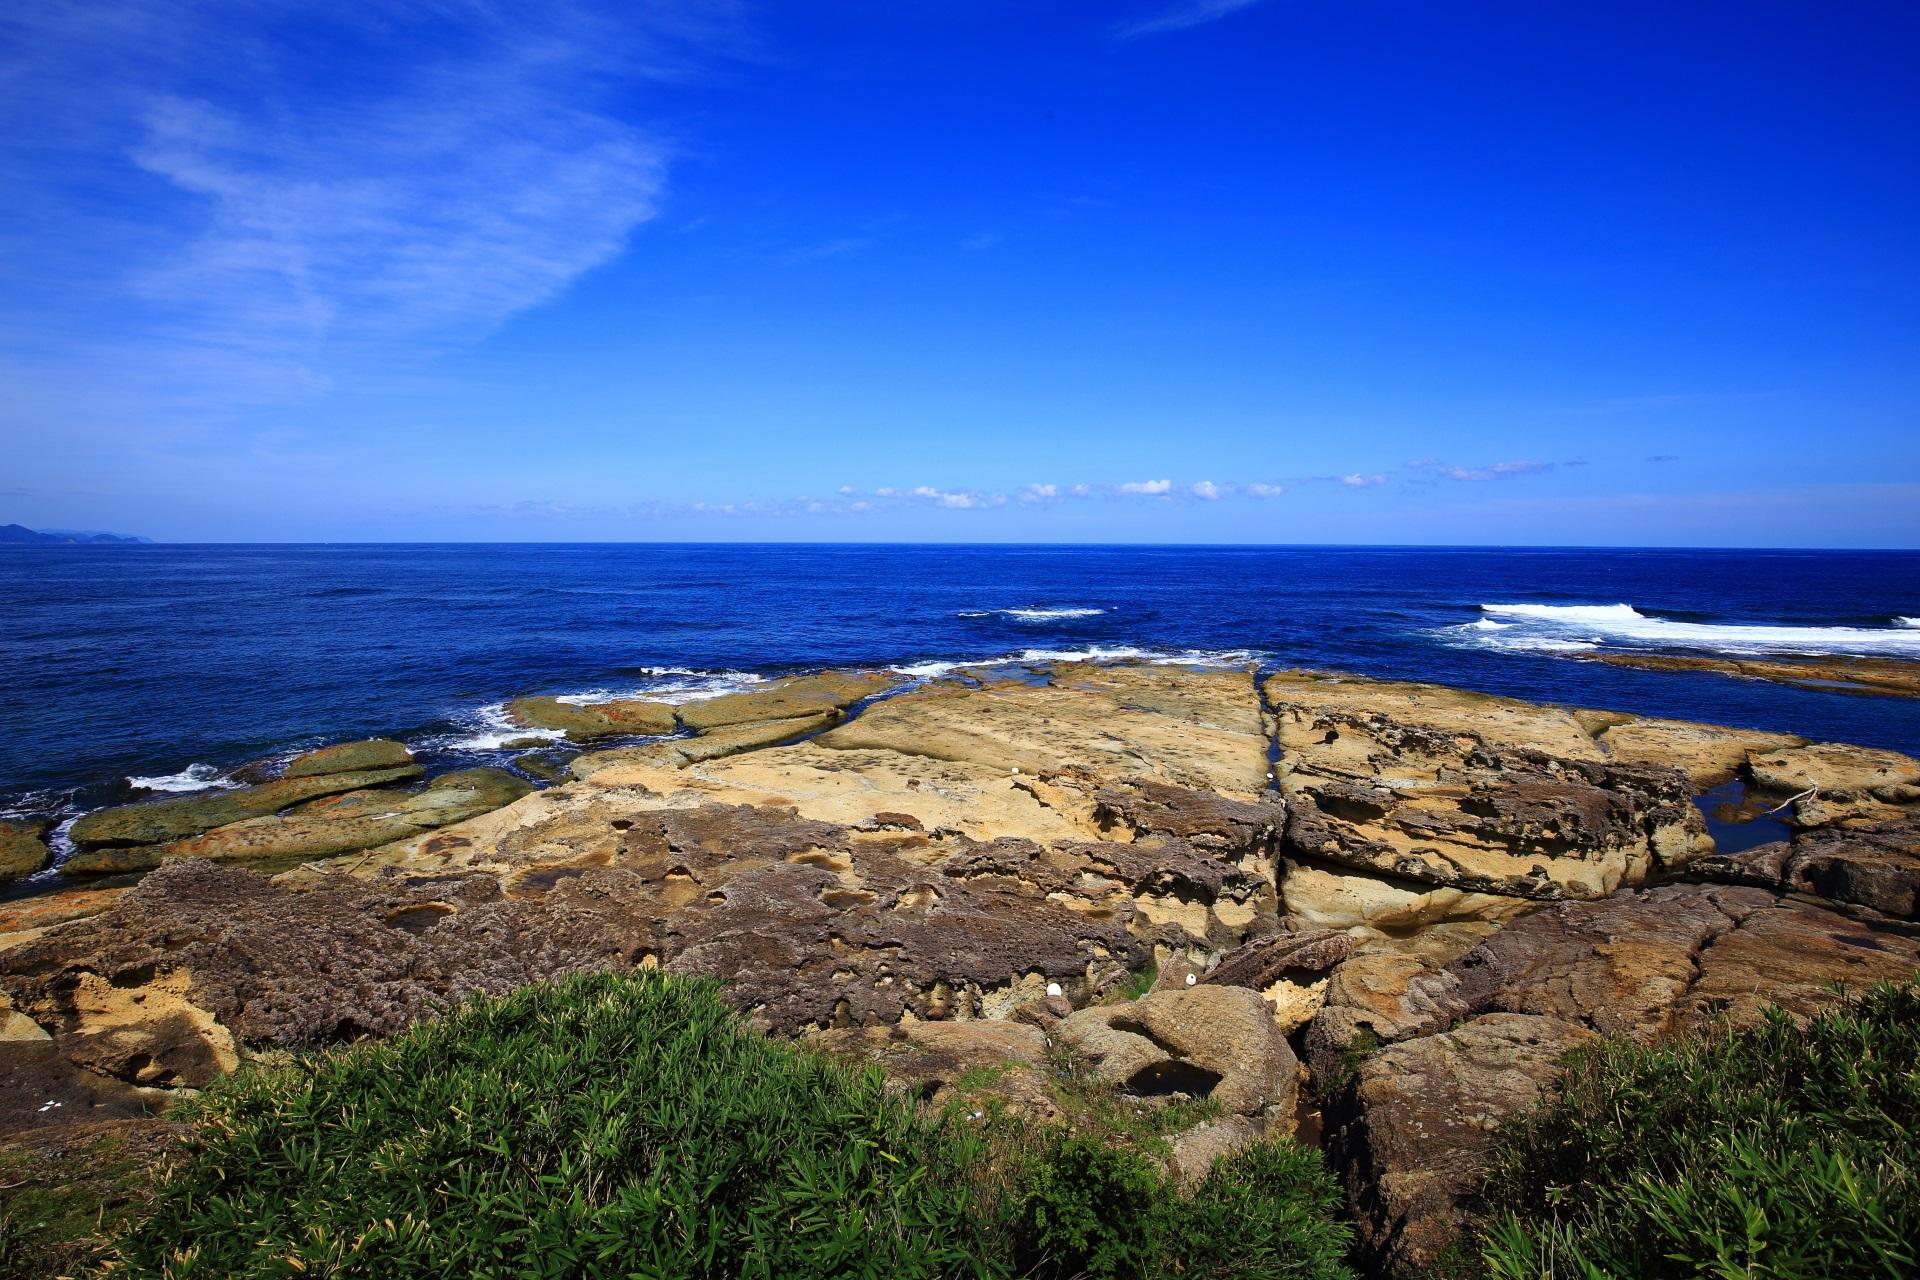 五色浜の大きな岩場の一つの「カマヤ」